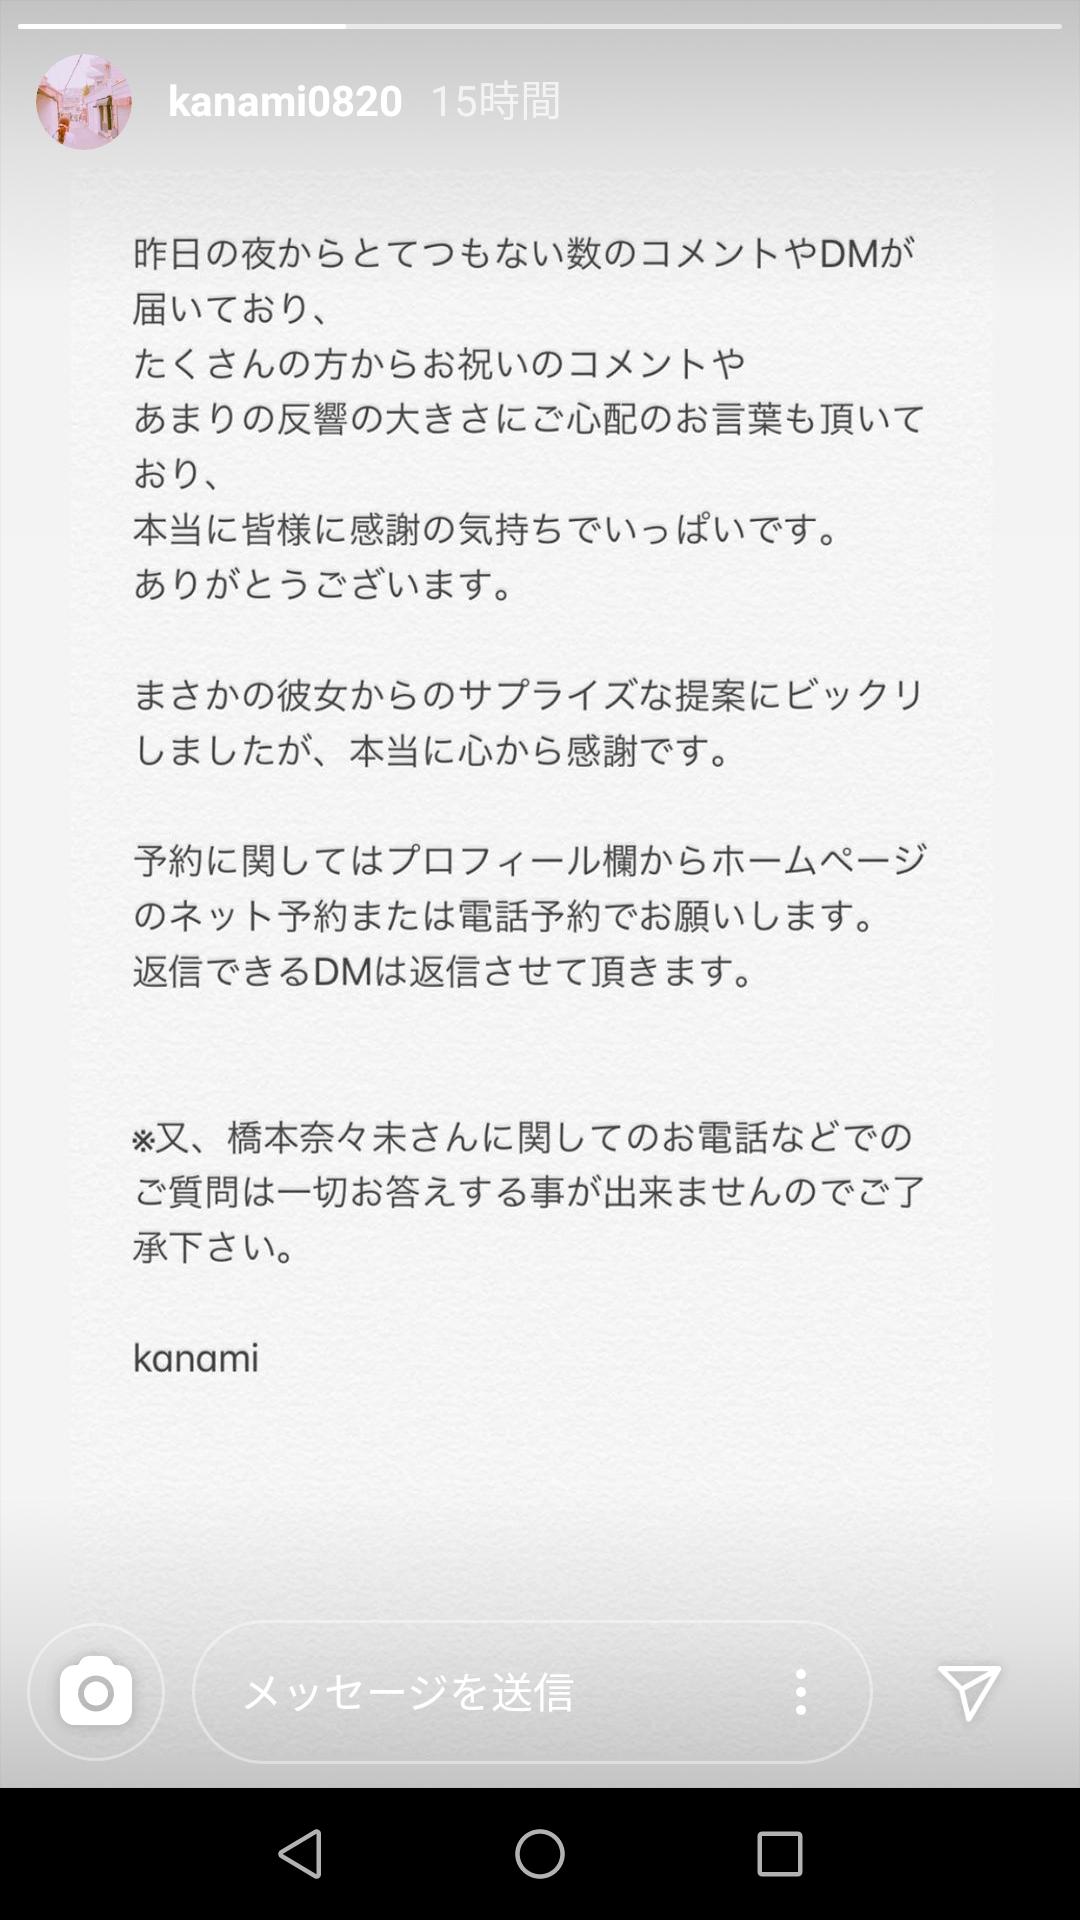 美容室&ネイルサロンCELENA「まさかの橋本奈々未さんからのサプライズな提案にビックリしましたが、本当に心から感謝です」